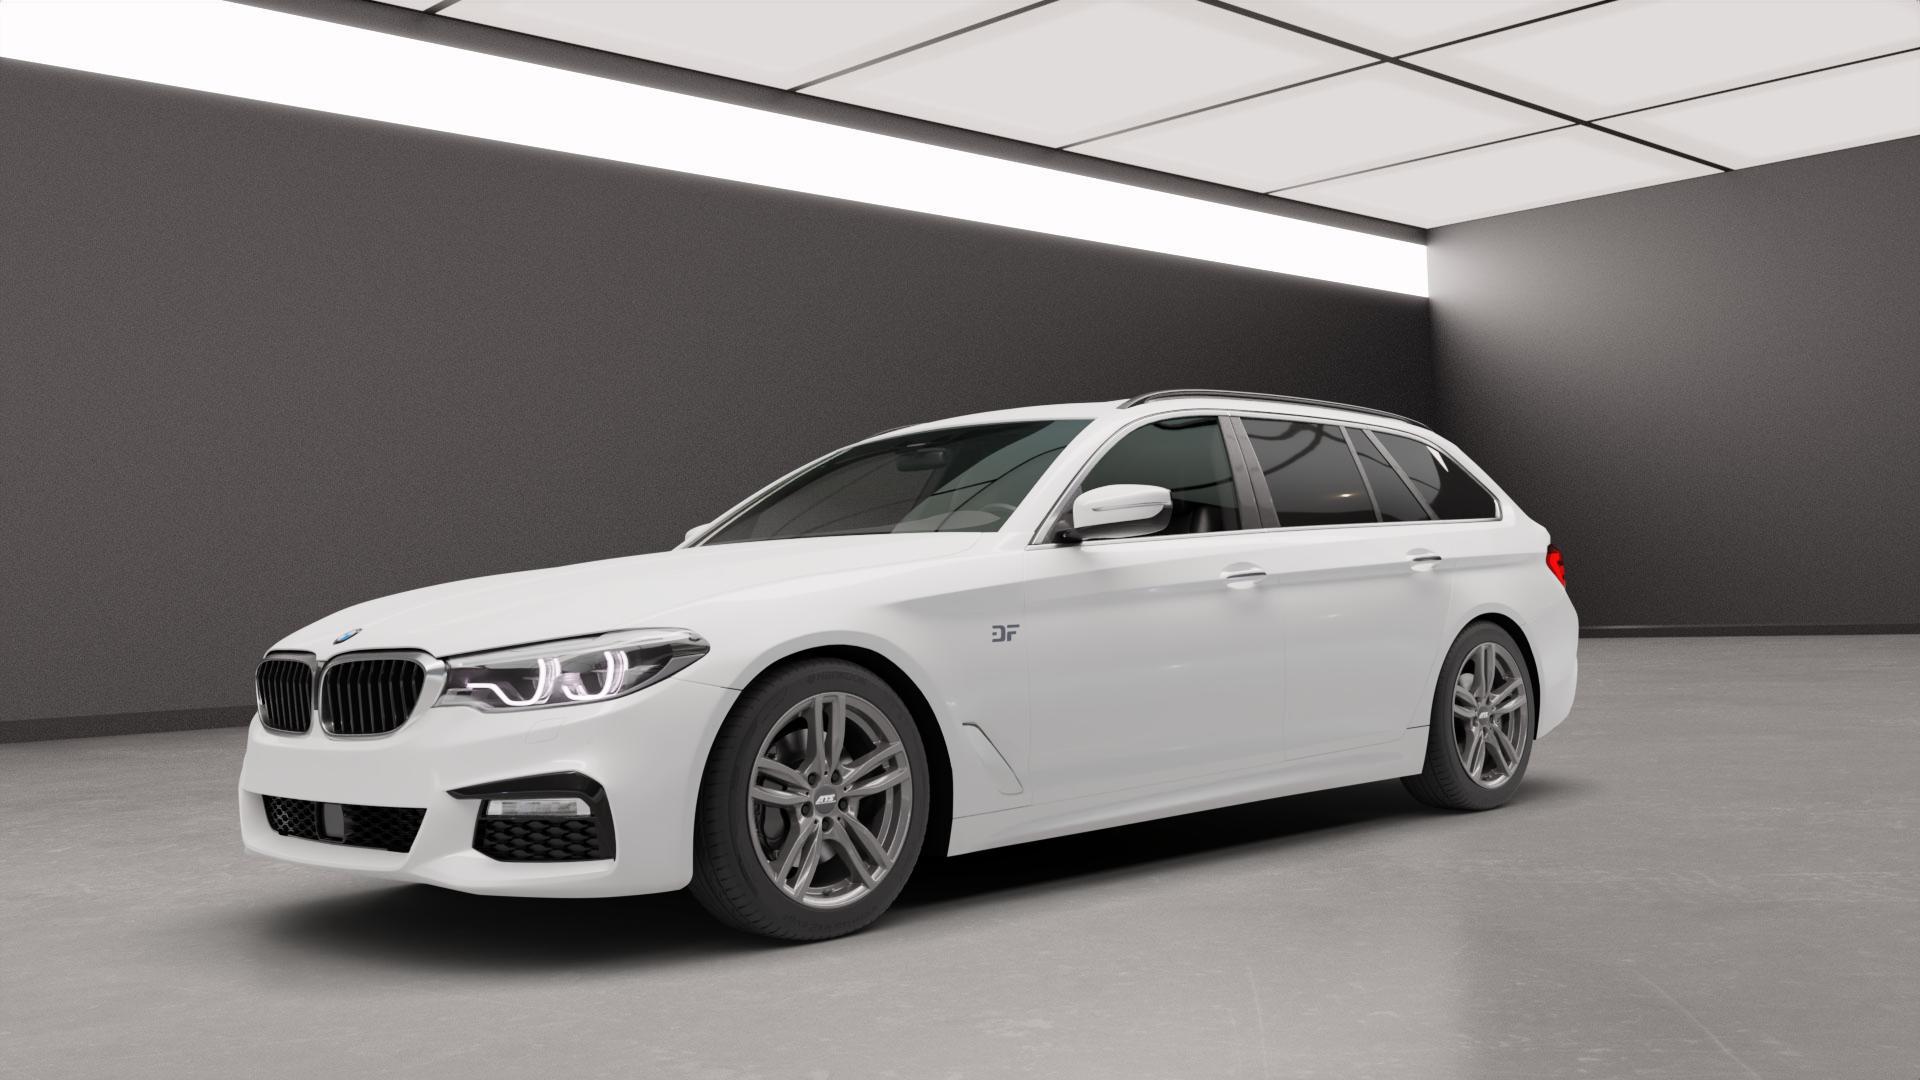 ATS Evolution dark-grey Felge mit Reifen grau in 18Zoll Winterfelge Alufelge auf weissem BMW 5er G31 Touring (G5K) ⬇️ mit 15mm Tieferlegung ⬇️ Neutral_mid_max5300mm Frontansicht_1